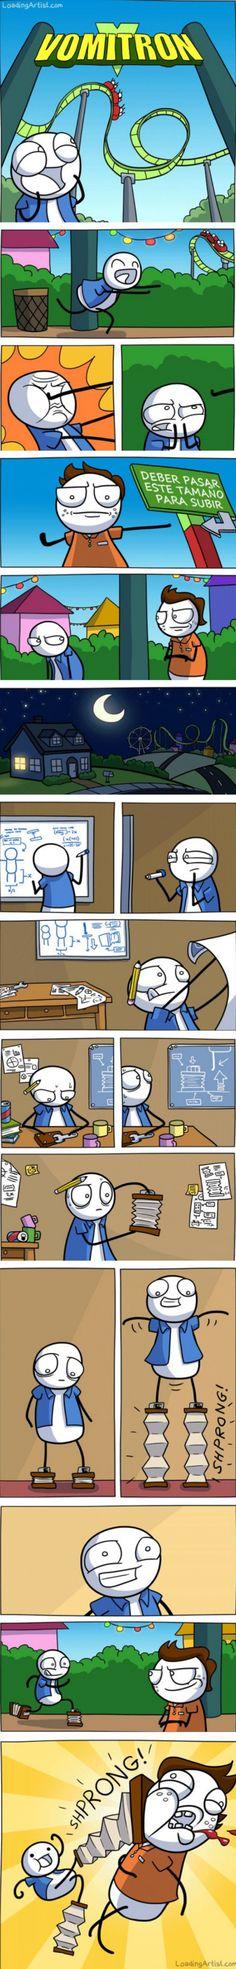 Demostrando estar a la altura de la circunstancia        Gracias a http://www.cuantocabron.com/   Si quieres leer la noticia completa visita: http://www.estoy-aburrido.com/demostrando-estar-a-la-altura-de-la-circunstancia/